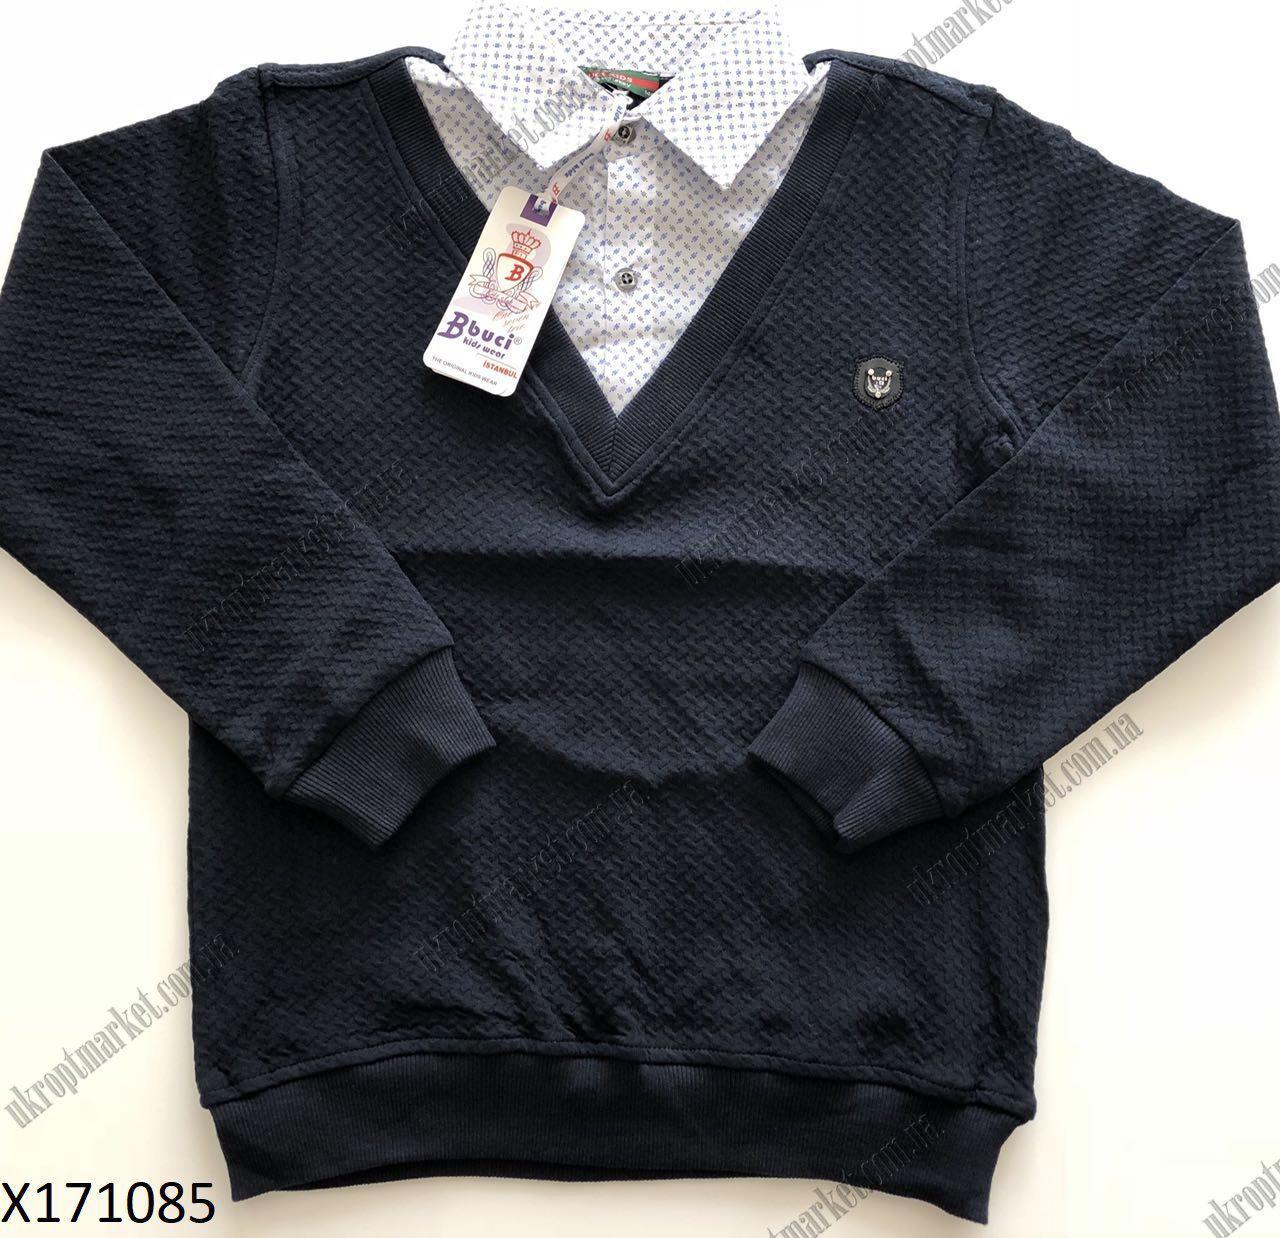 29228b30c91 Купить Рубашка-обманку на мальчика (10-13 лет)